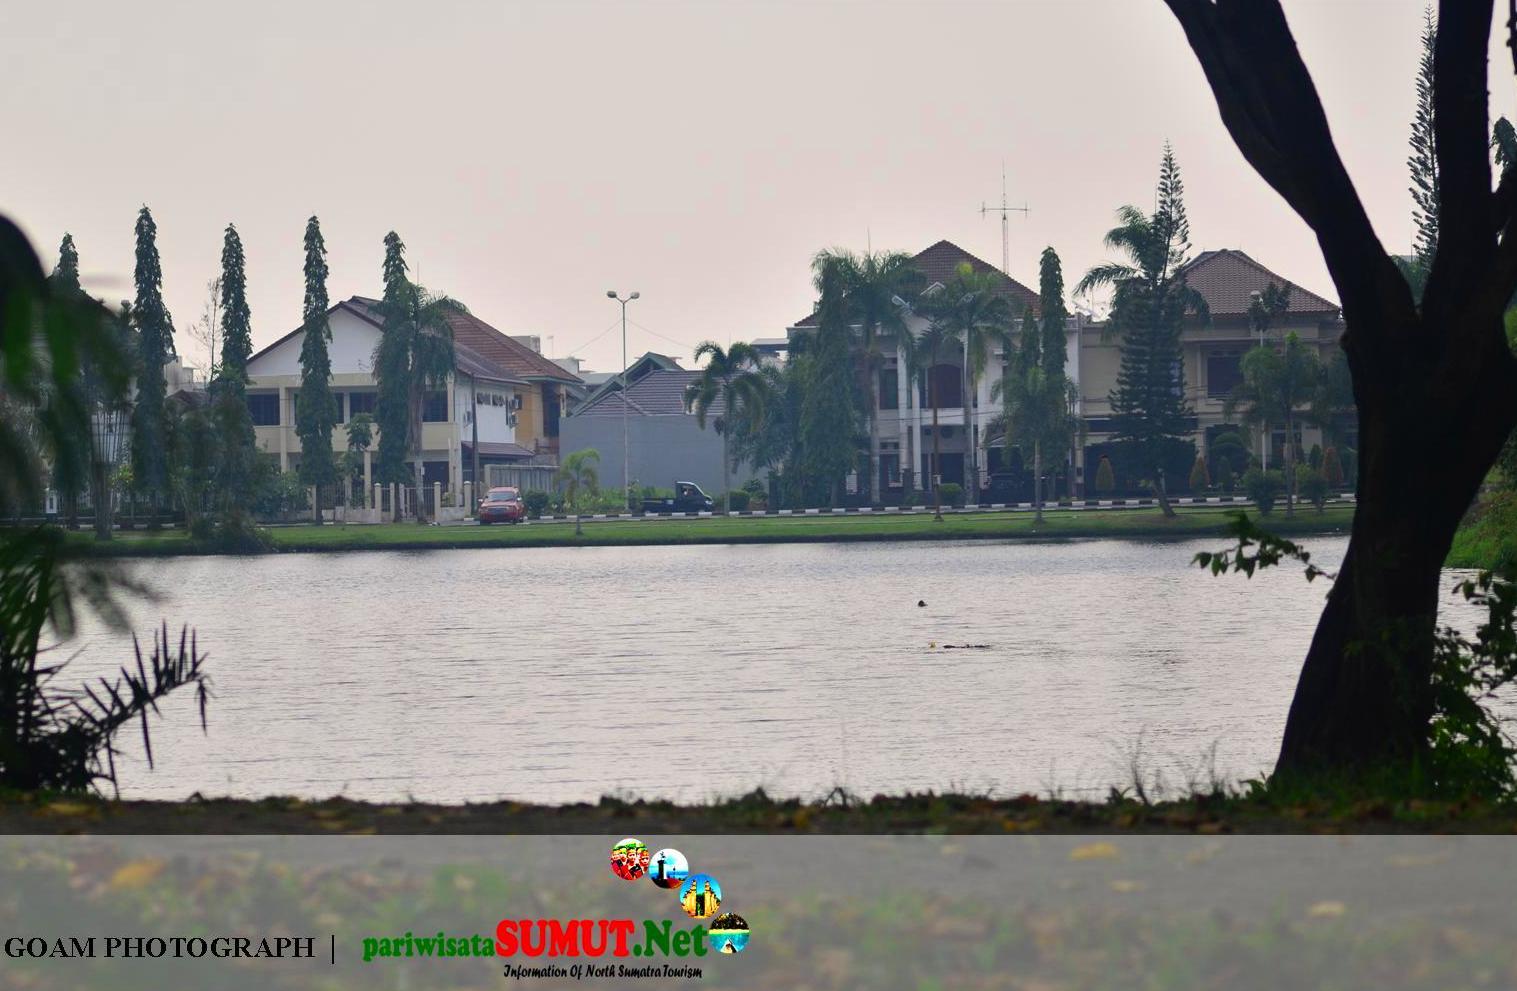 Taman Cadika Laksana Hutan Tengah Kota Medan Pariwisata Sumut Lebih